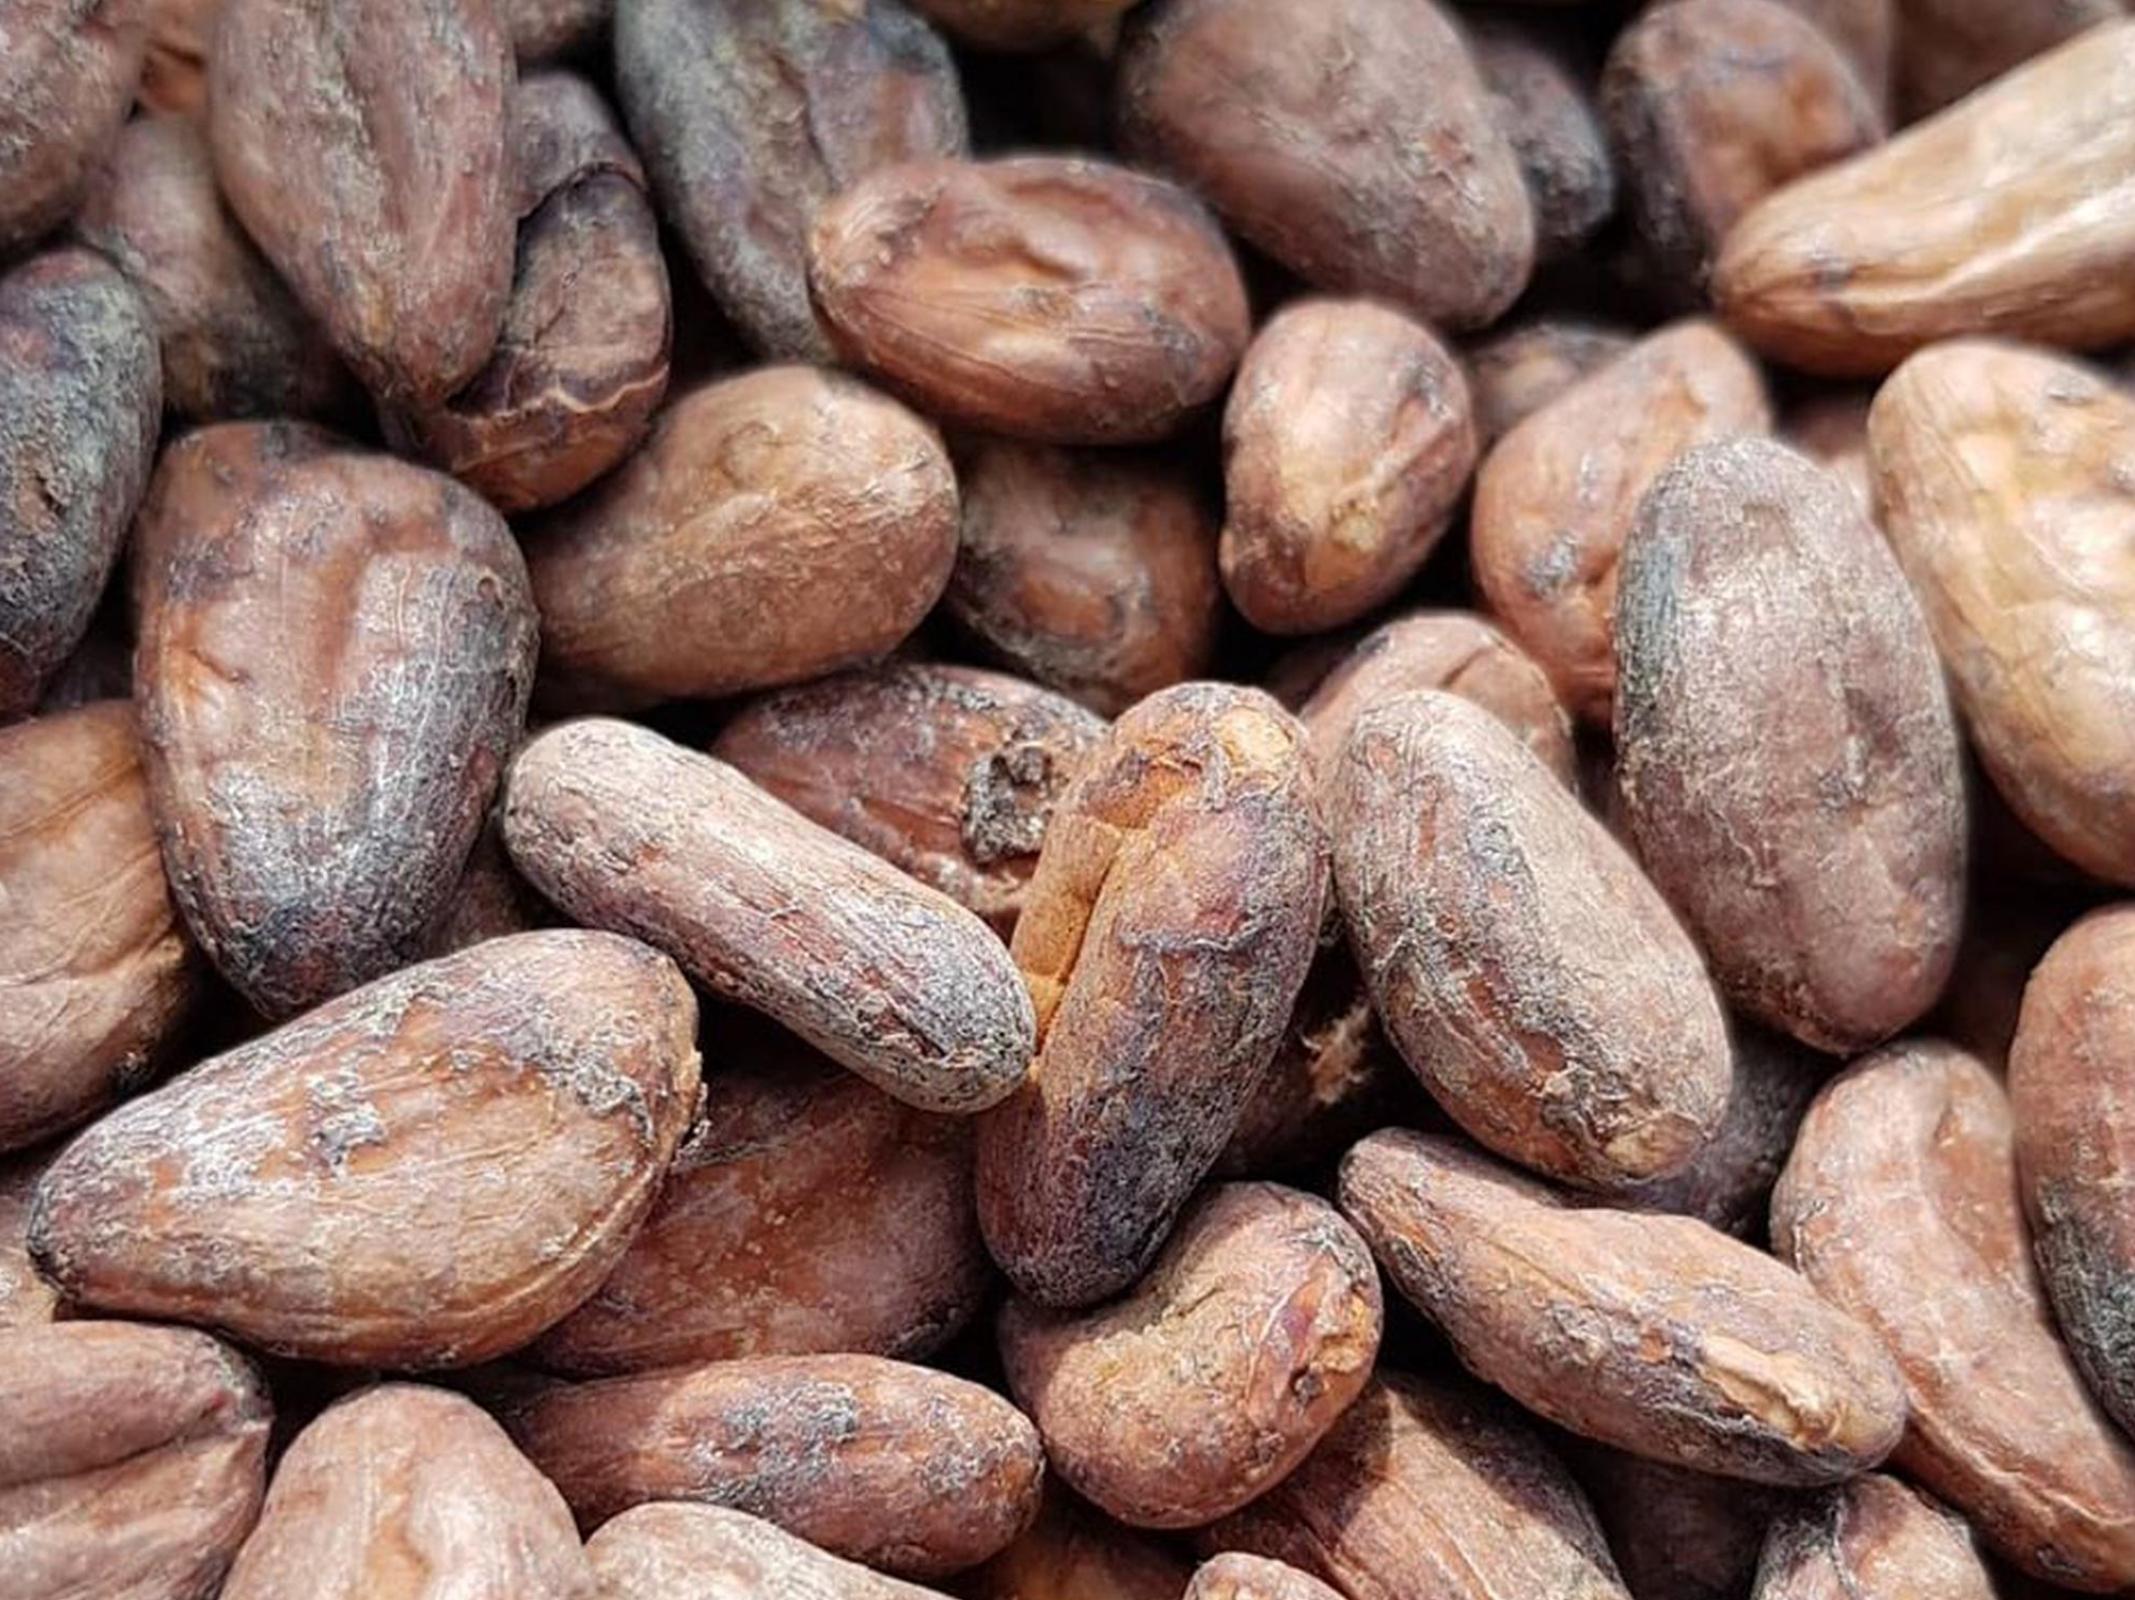 Fèves de cacao - Cocoa Valley - Marché des Producteurs - Les Trésoms Annecy